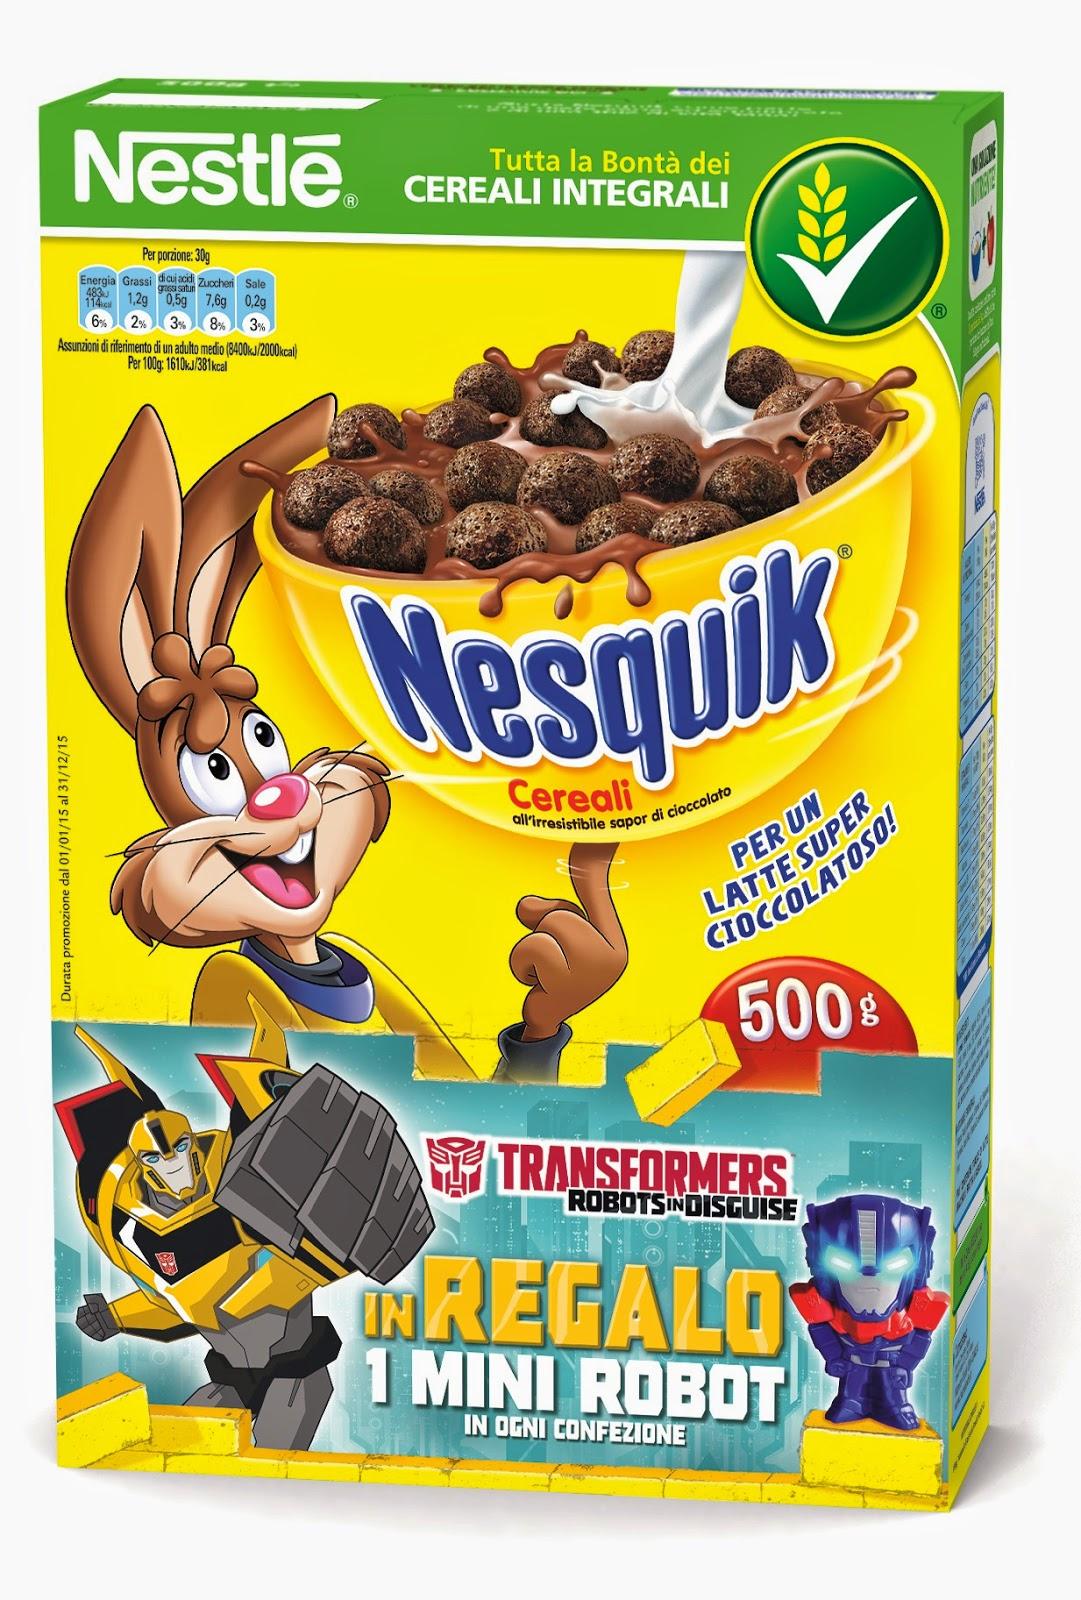 Con Nesquik  in regalo Transformers nuova promozione Nestle